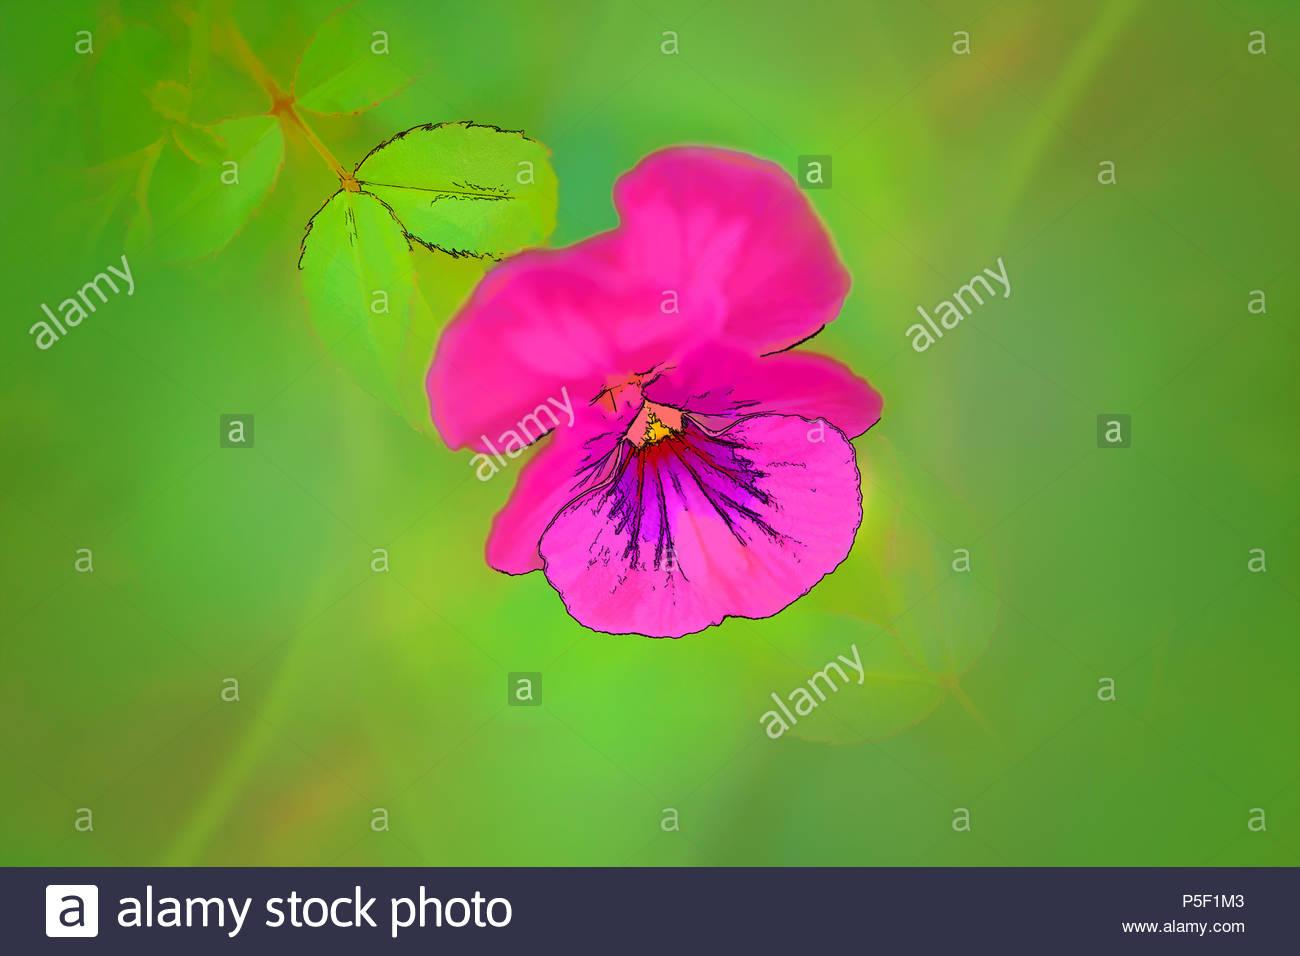 Petite Fleur Rose Sur Fond Vert Dessin Anime Par Ordinateur Banque